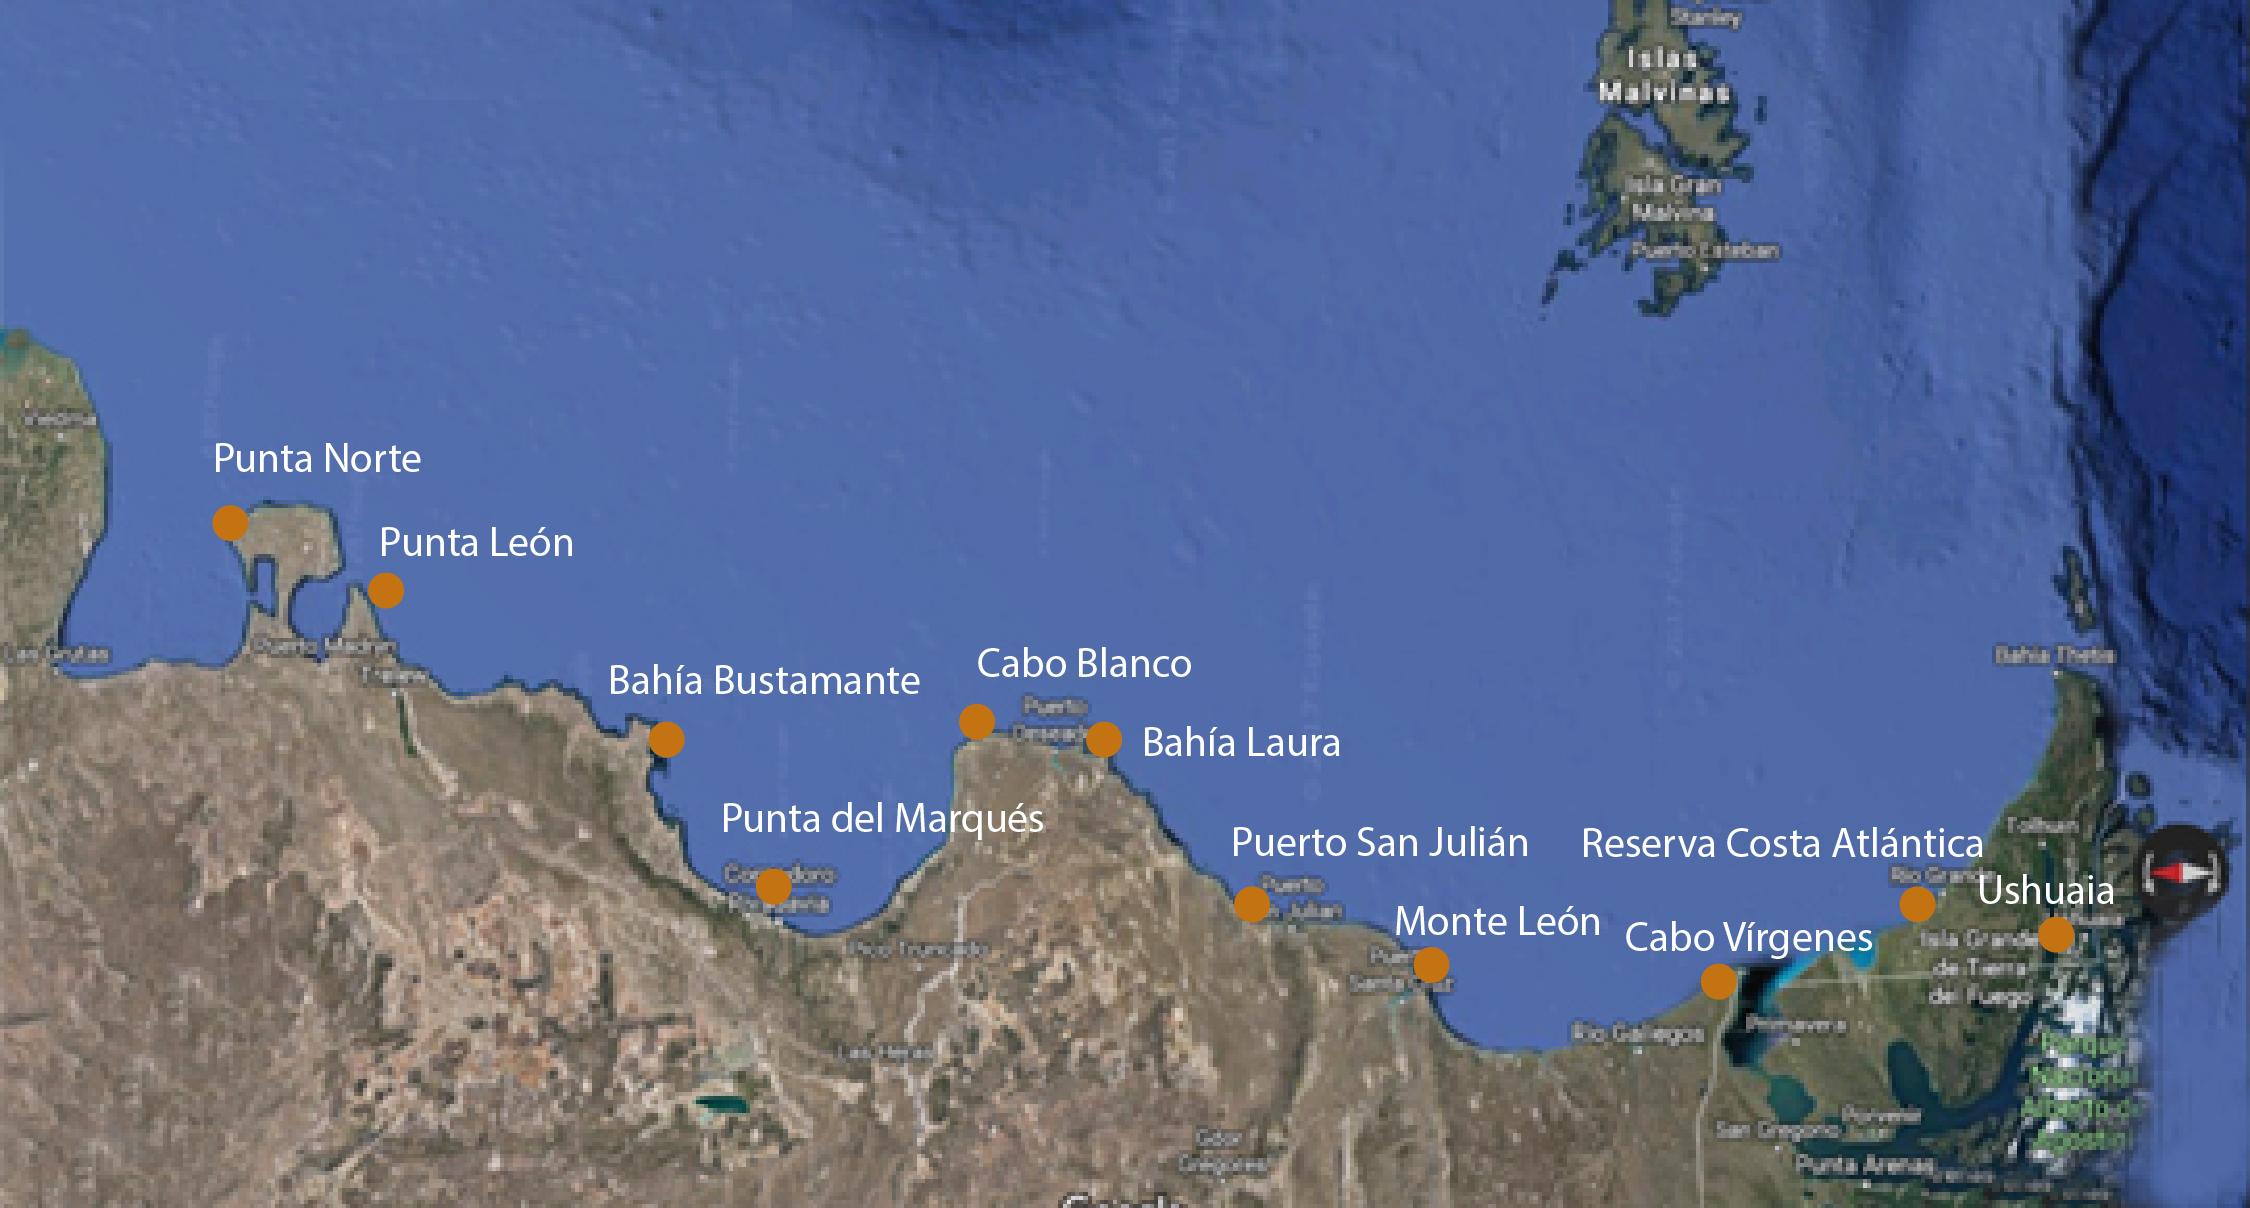 mapa-con-ubicaciones